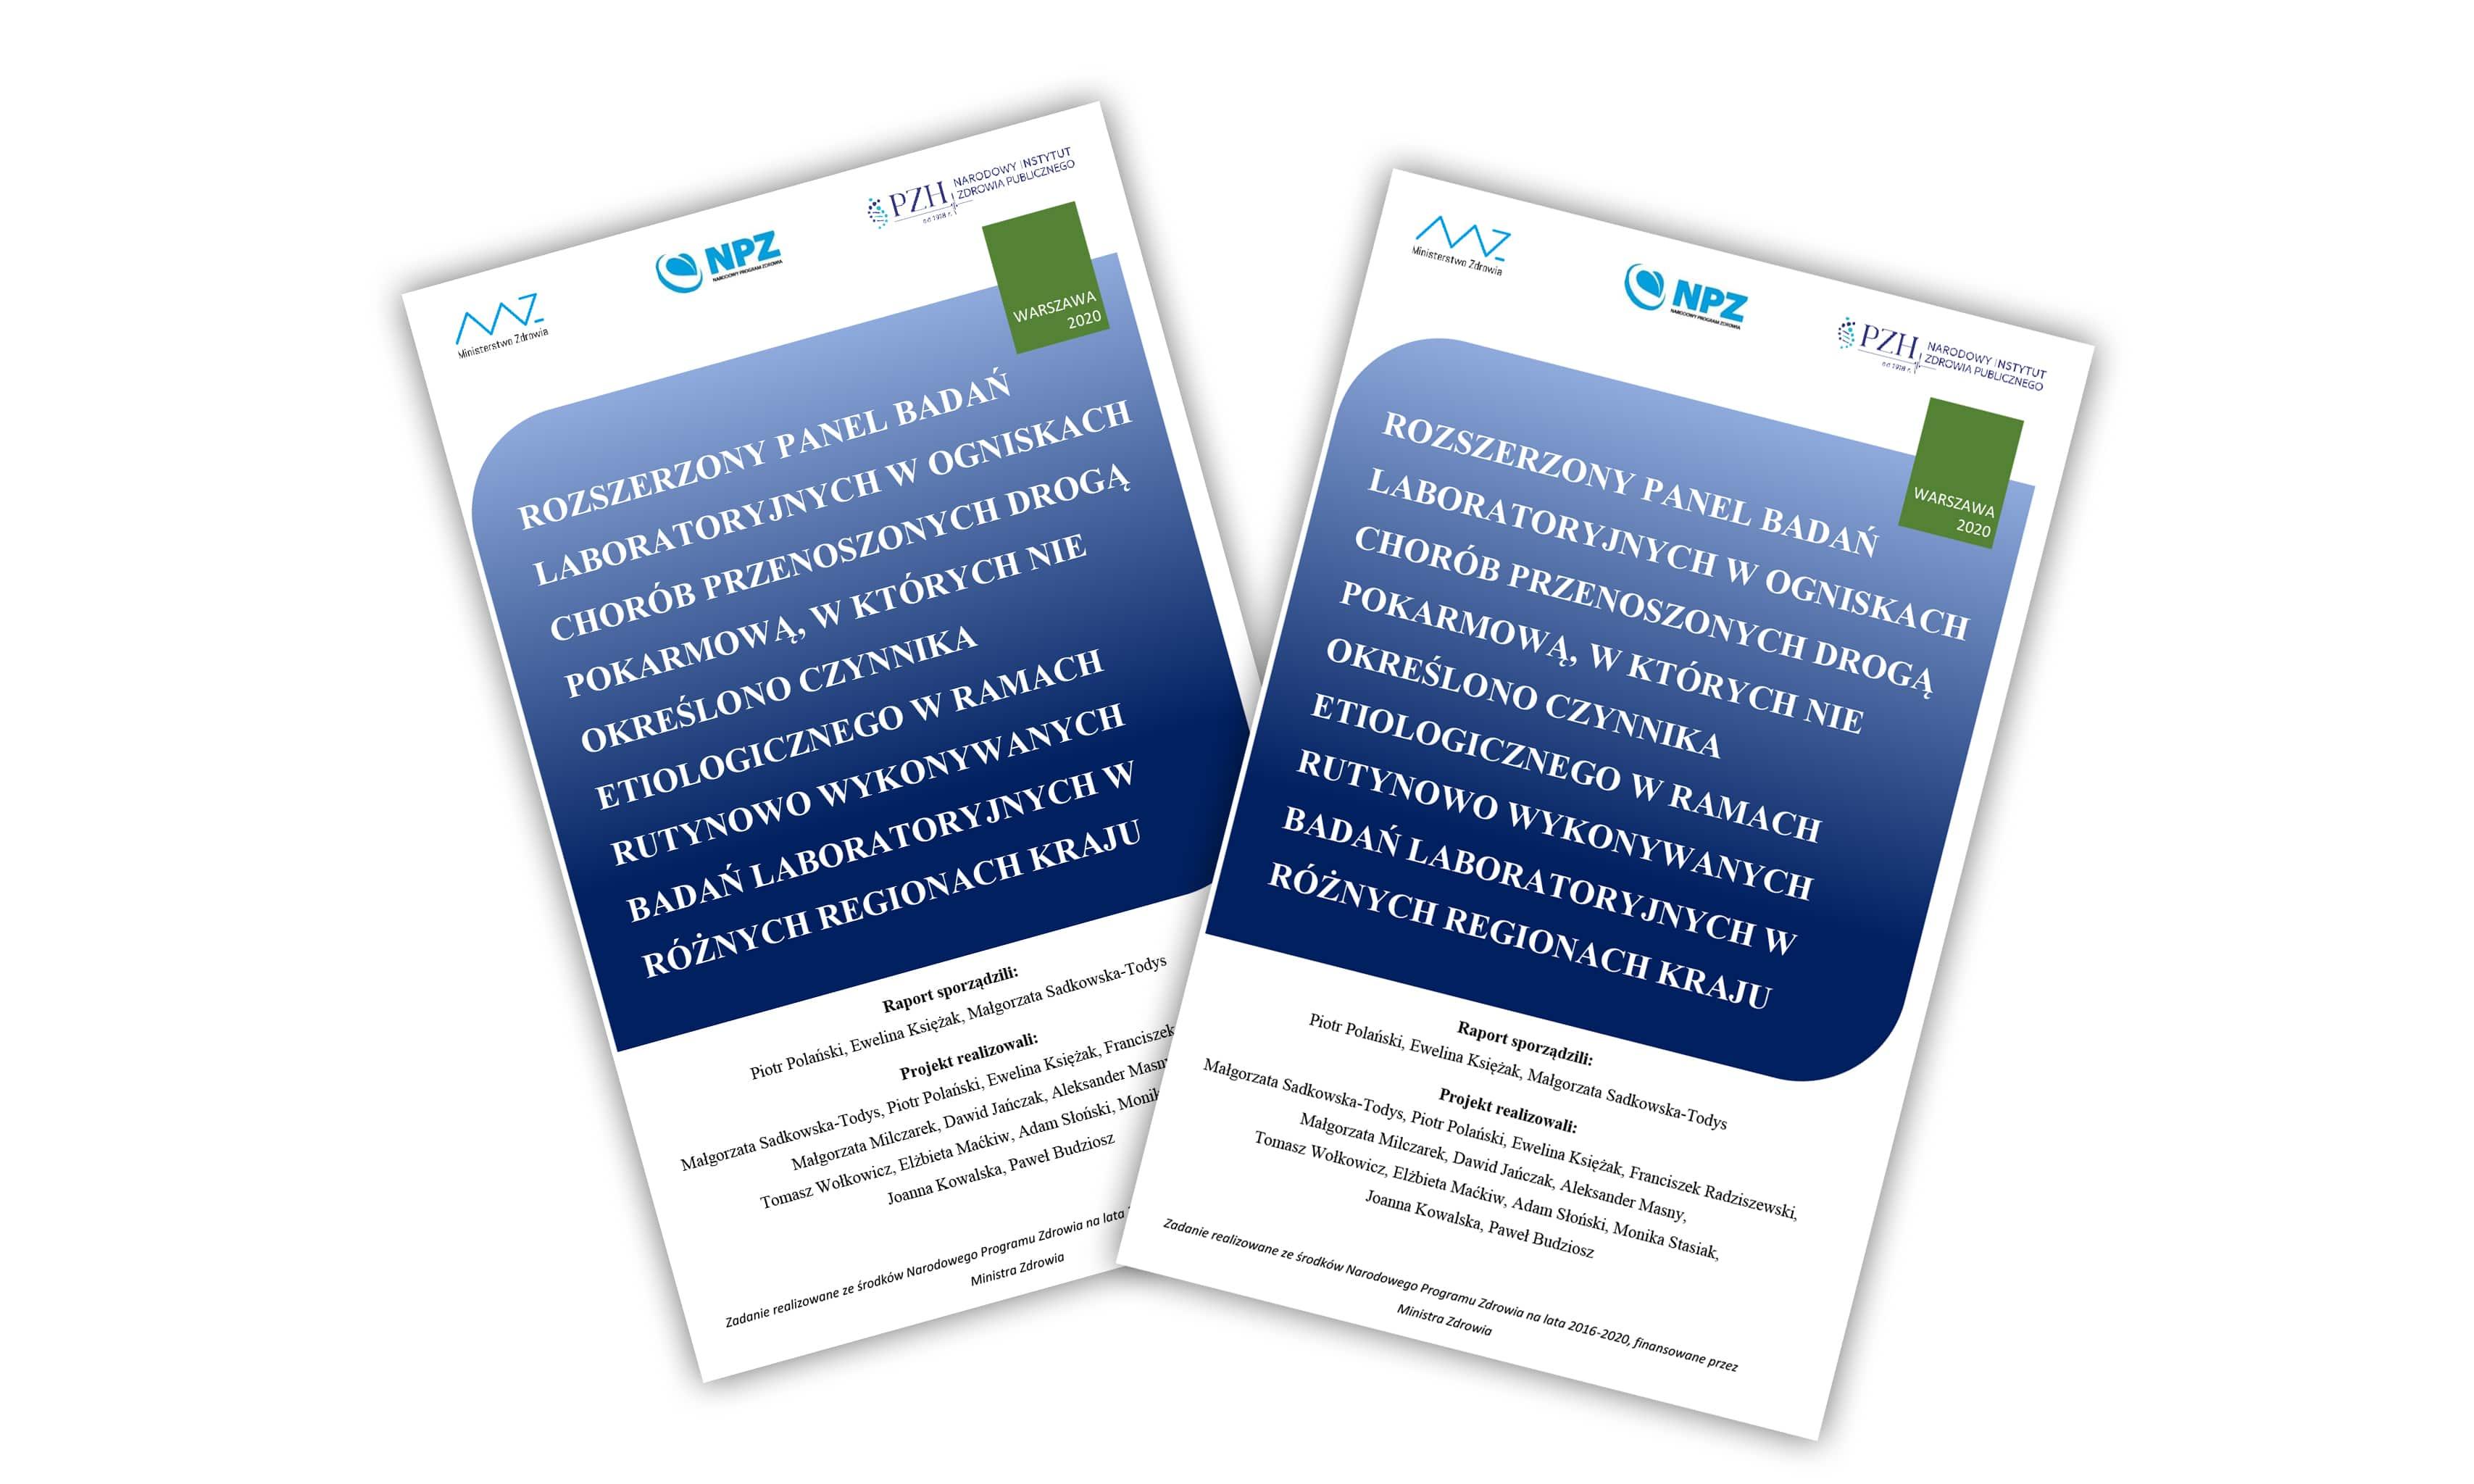 Raport: Rozszerzony panel badań laboratoryjnych w ogniskach chorób przenoszonych drogą pokarmową, w których nie określono czynnika etiologicznego w ramach rutynowo wykonywanych badań laboratoryjnych w różnych regionach kraju.